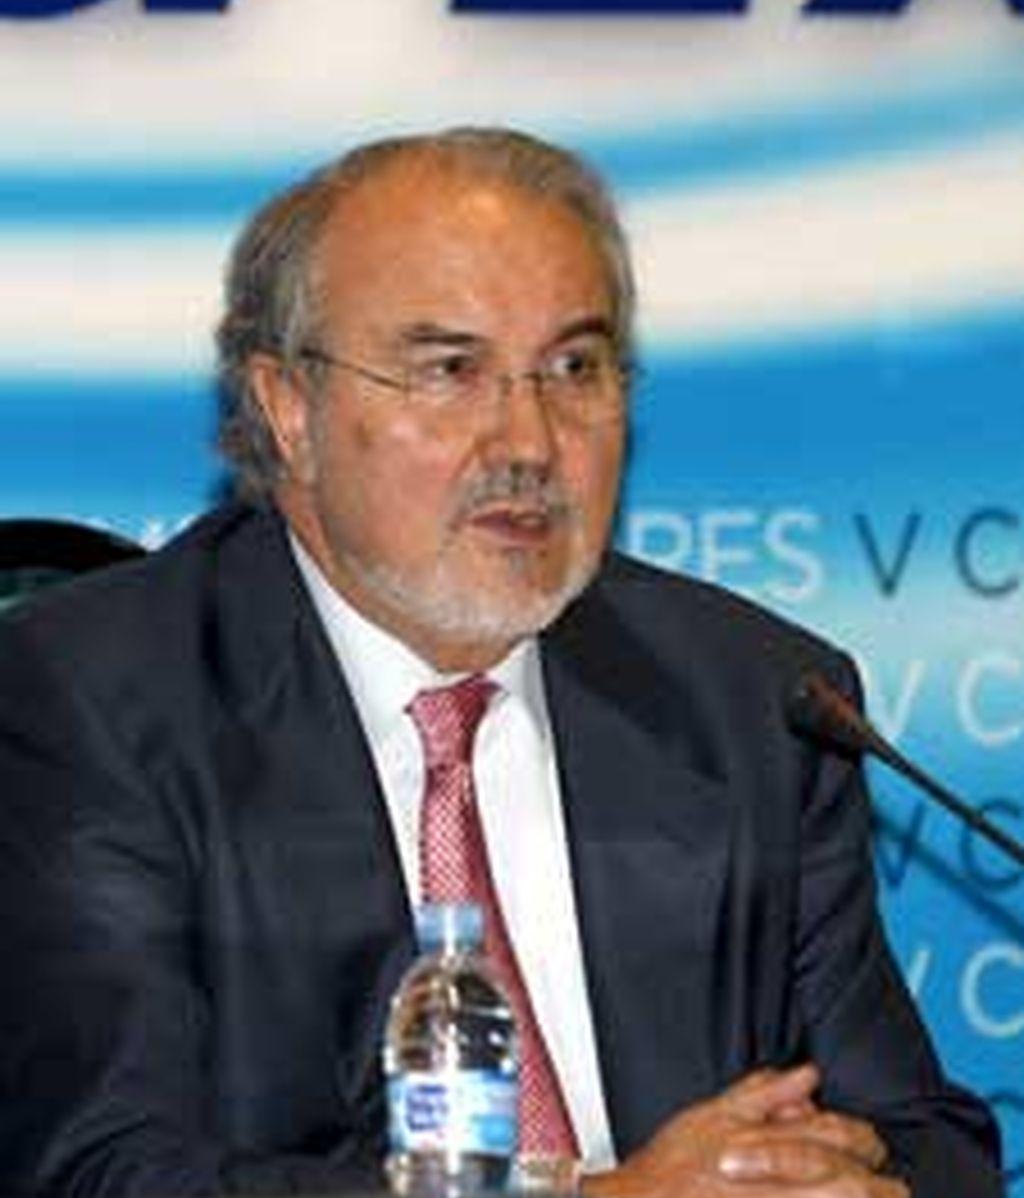 Pedro Solbes confía en que la economía española vuelva a crecer en 2010. Vídeo: ATLAS